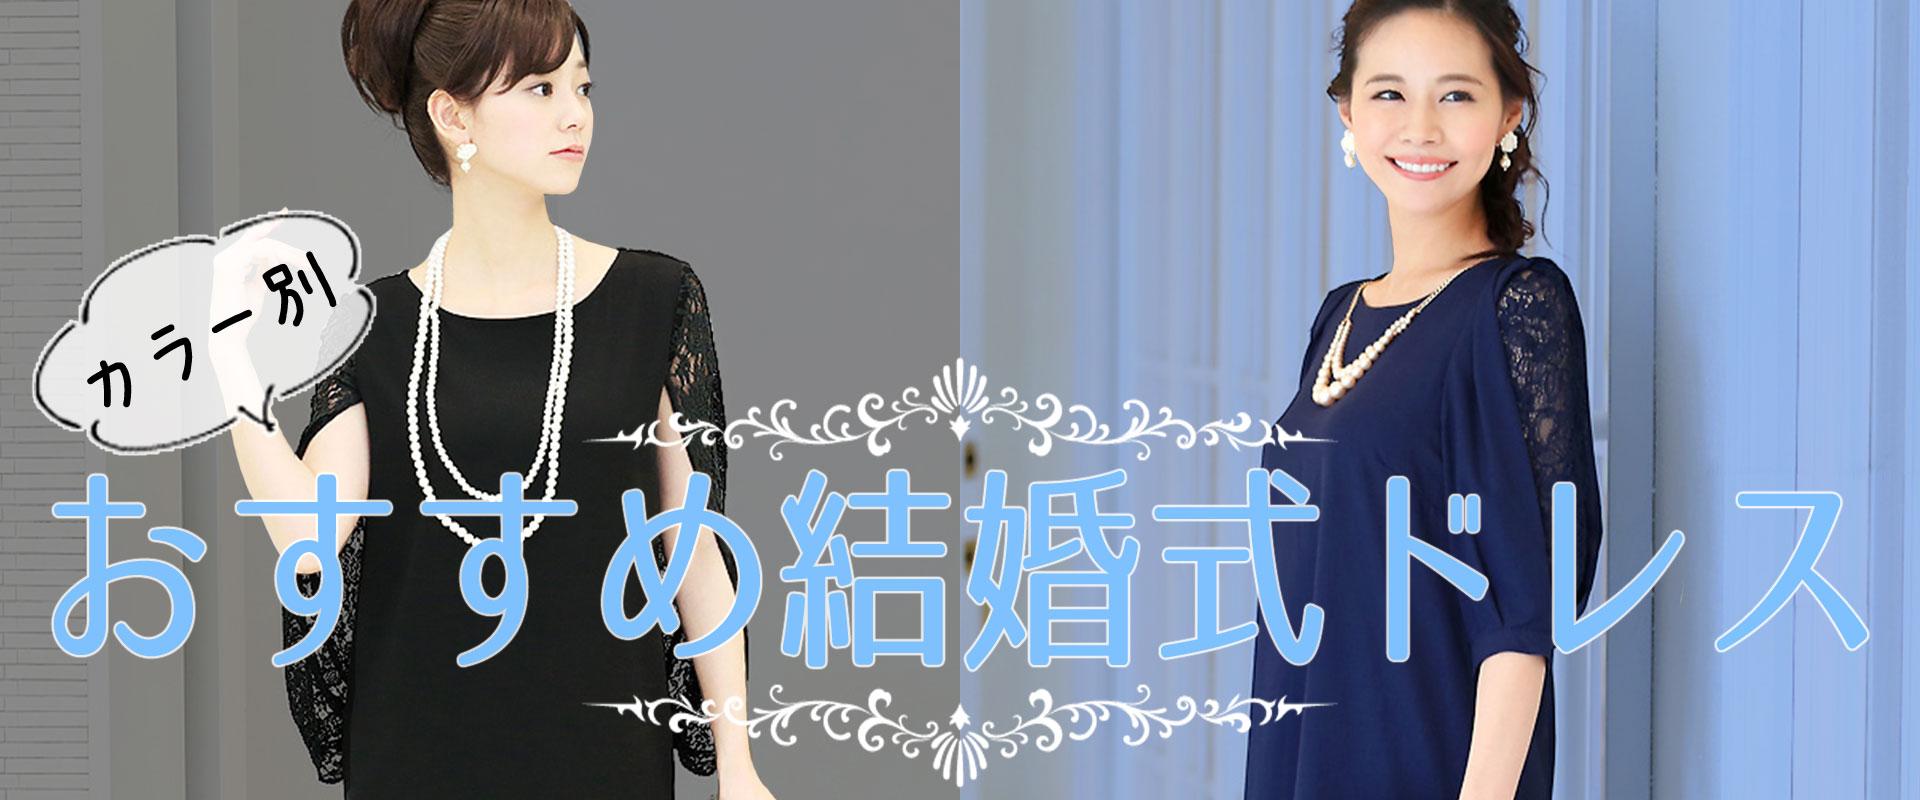 カラー別おすすめ結婚式ドレス ブラック,ネイビーのドレス